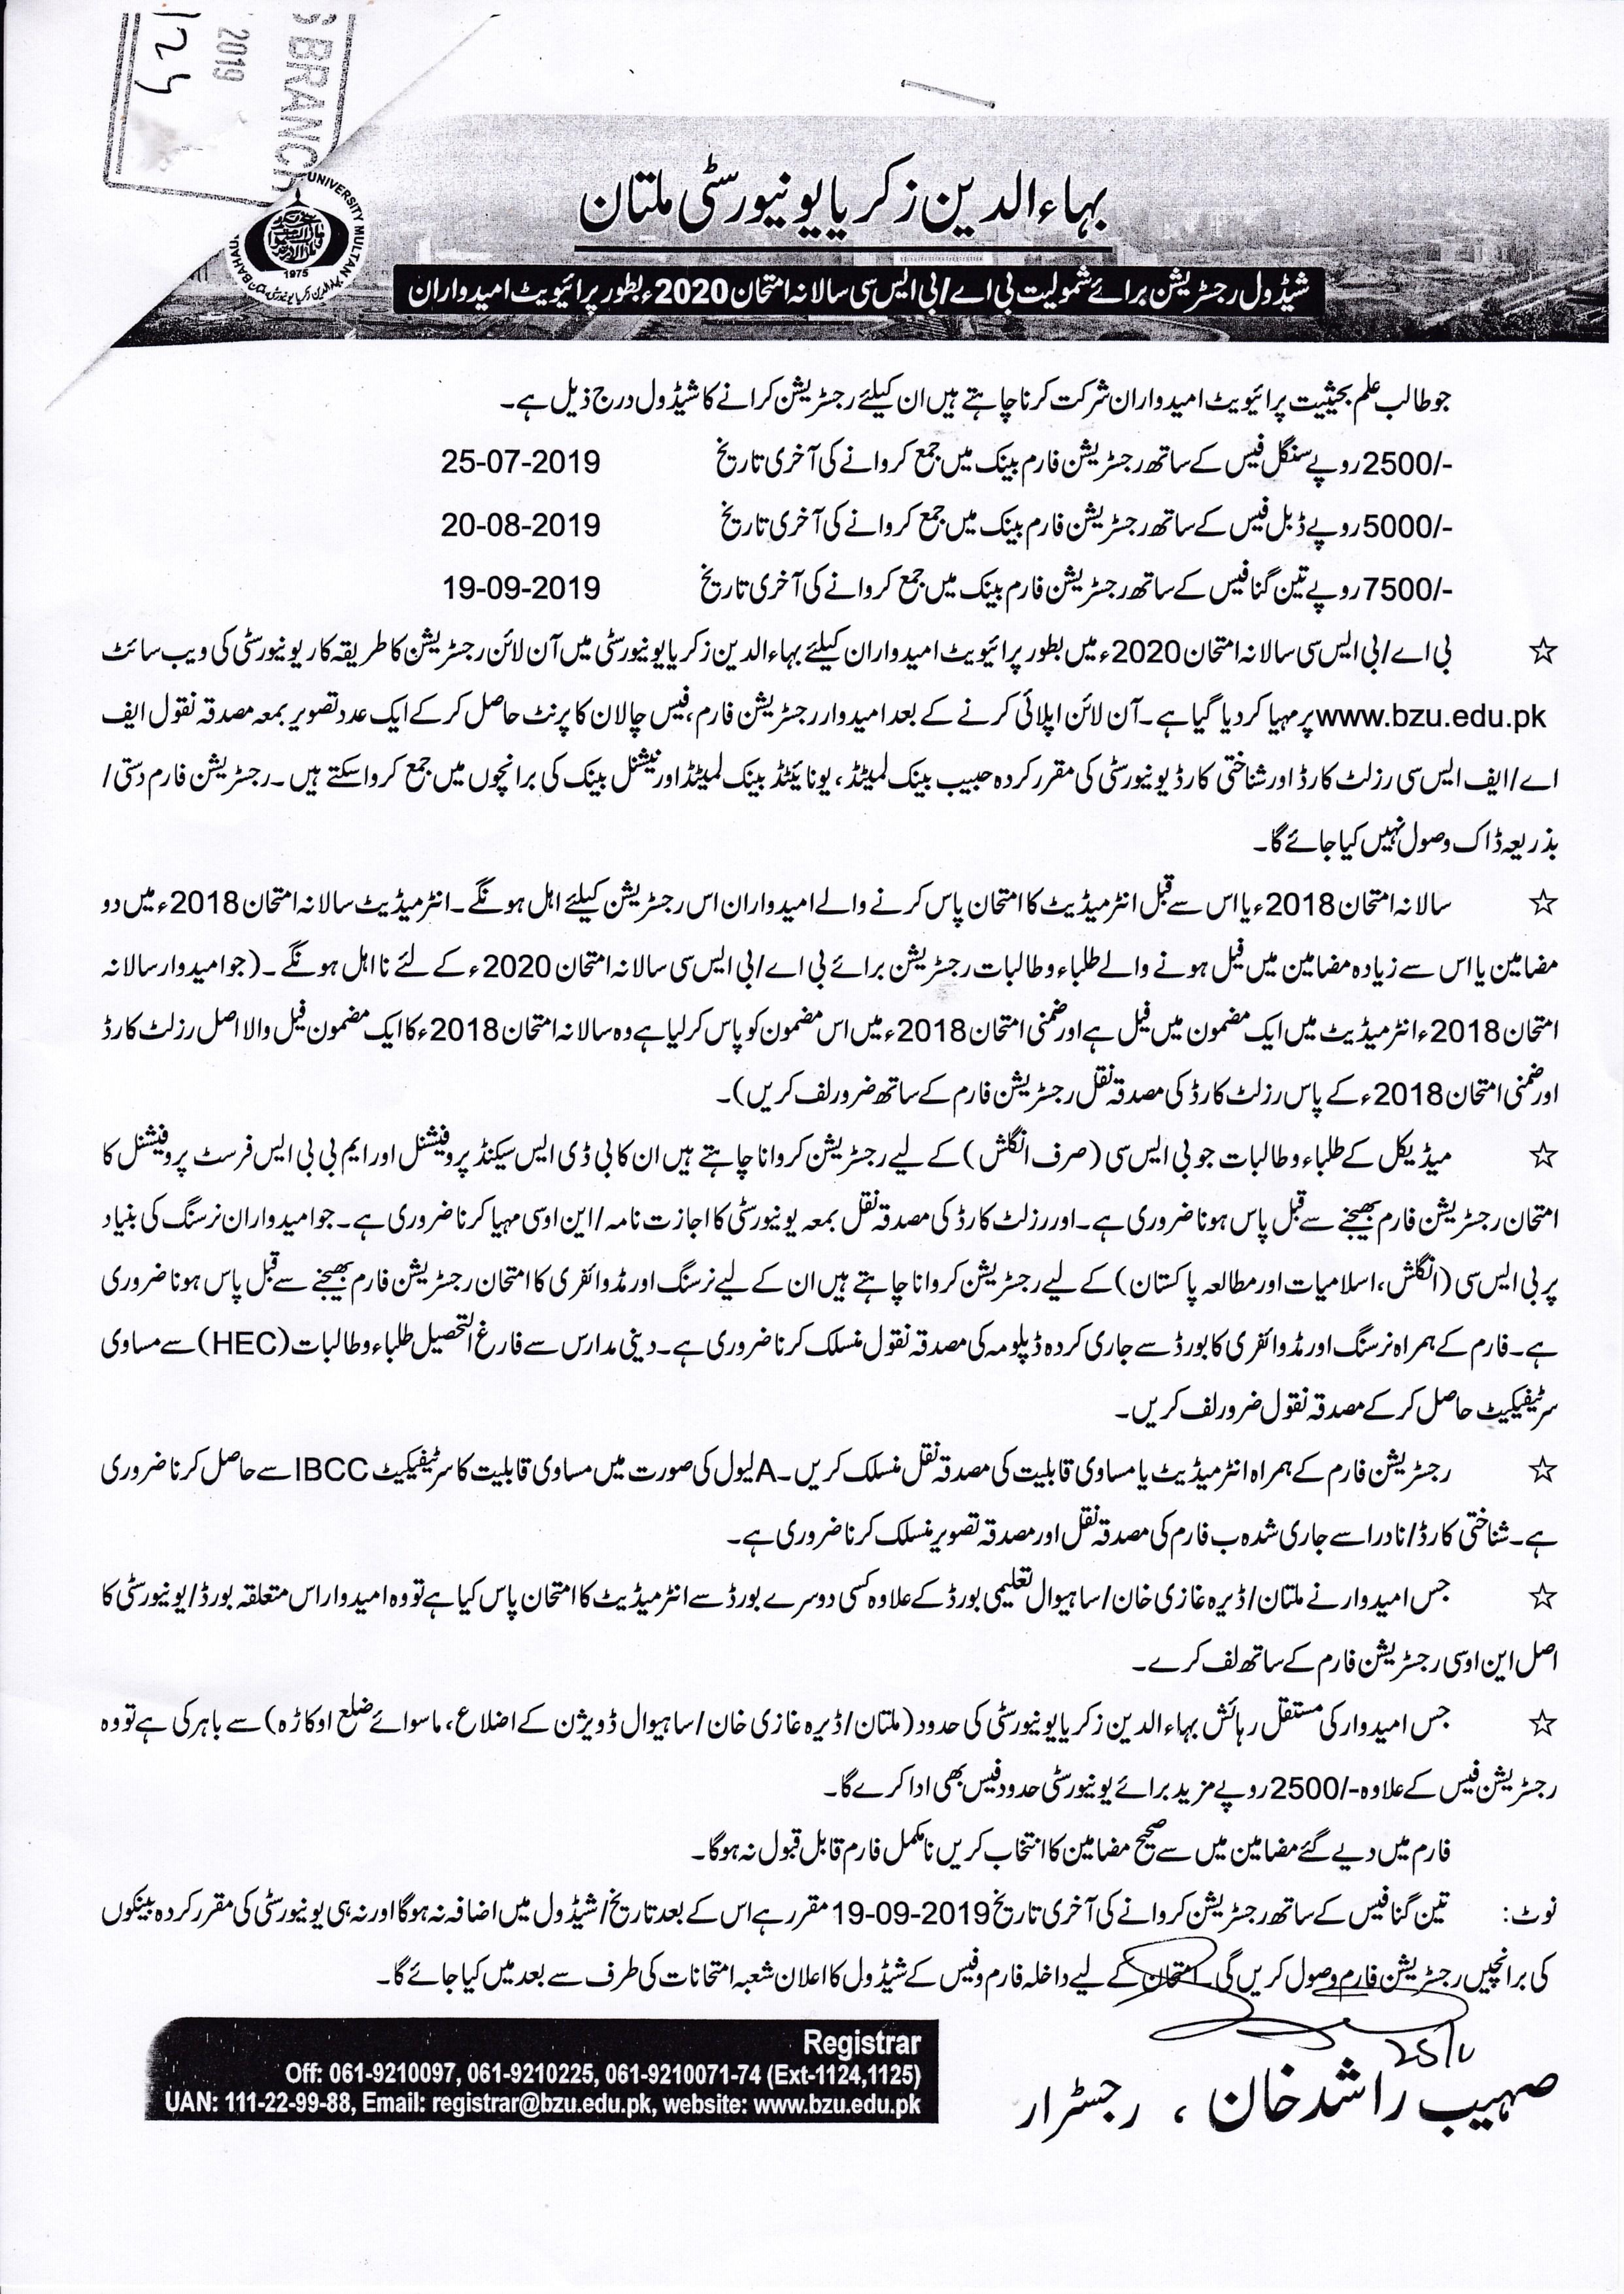 Bahauddin Zakariya University Admissions 2019 in School